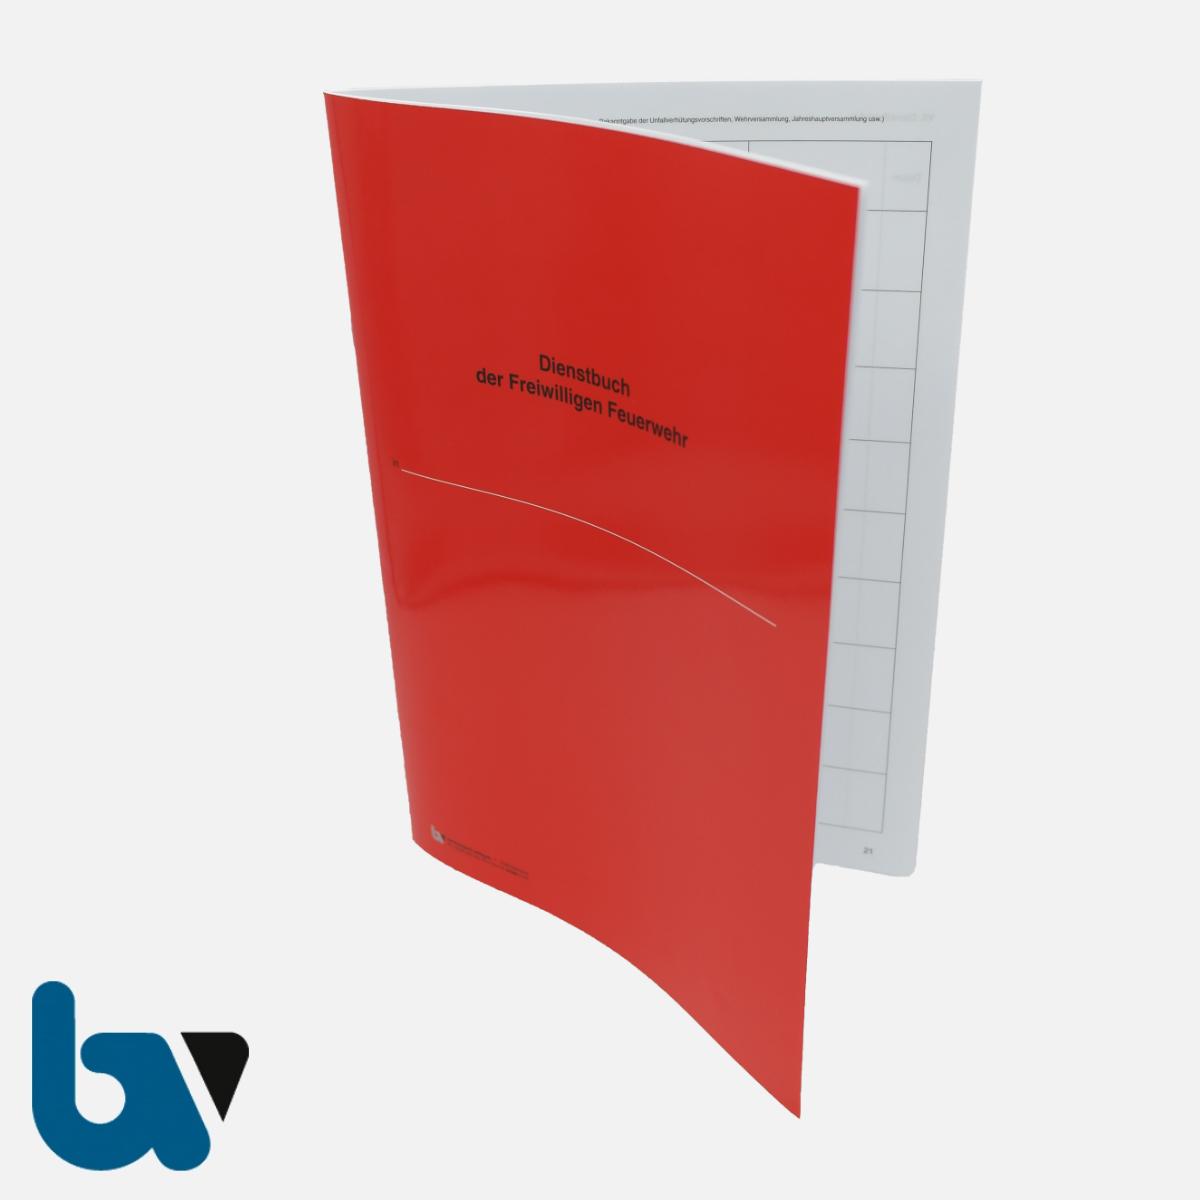 0/468-1 Dienstbuch Freiwillige Feuerwehr Bericht rot Umschlag wetterfest beschichtet 40 Seiten DIN A4 VS | Borgard Verlag GmbH